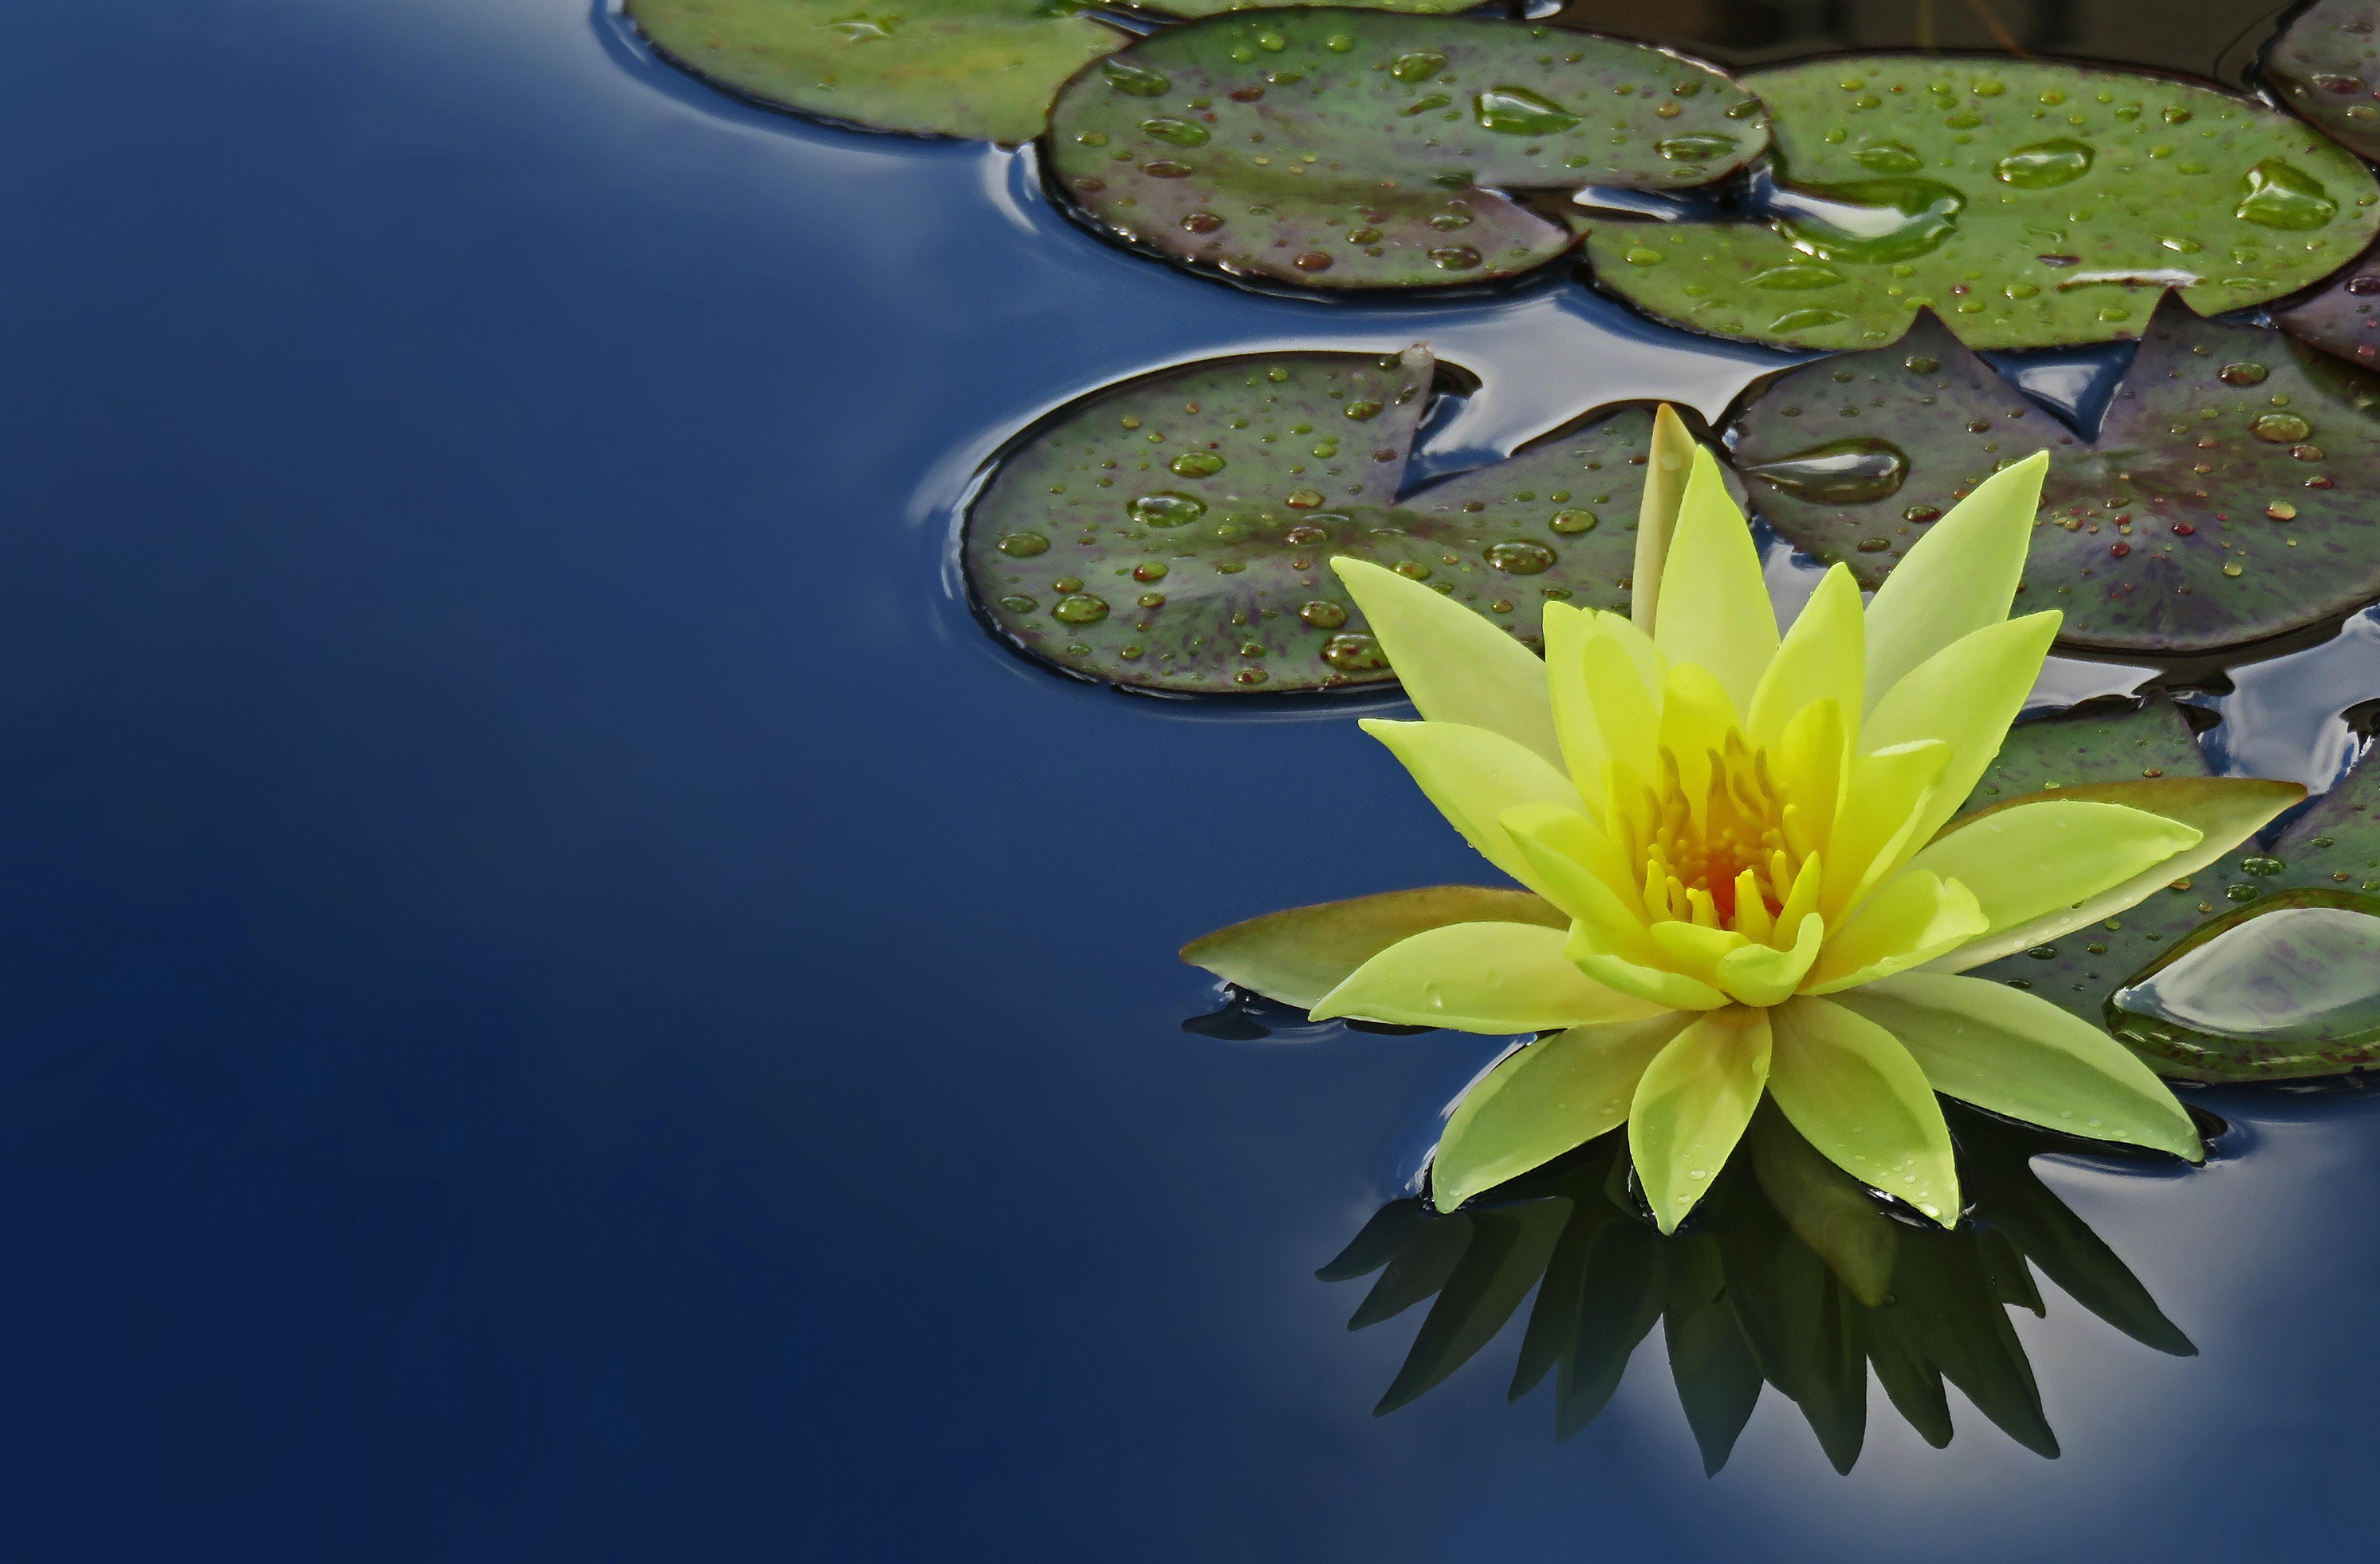 yellow lotus flower floating